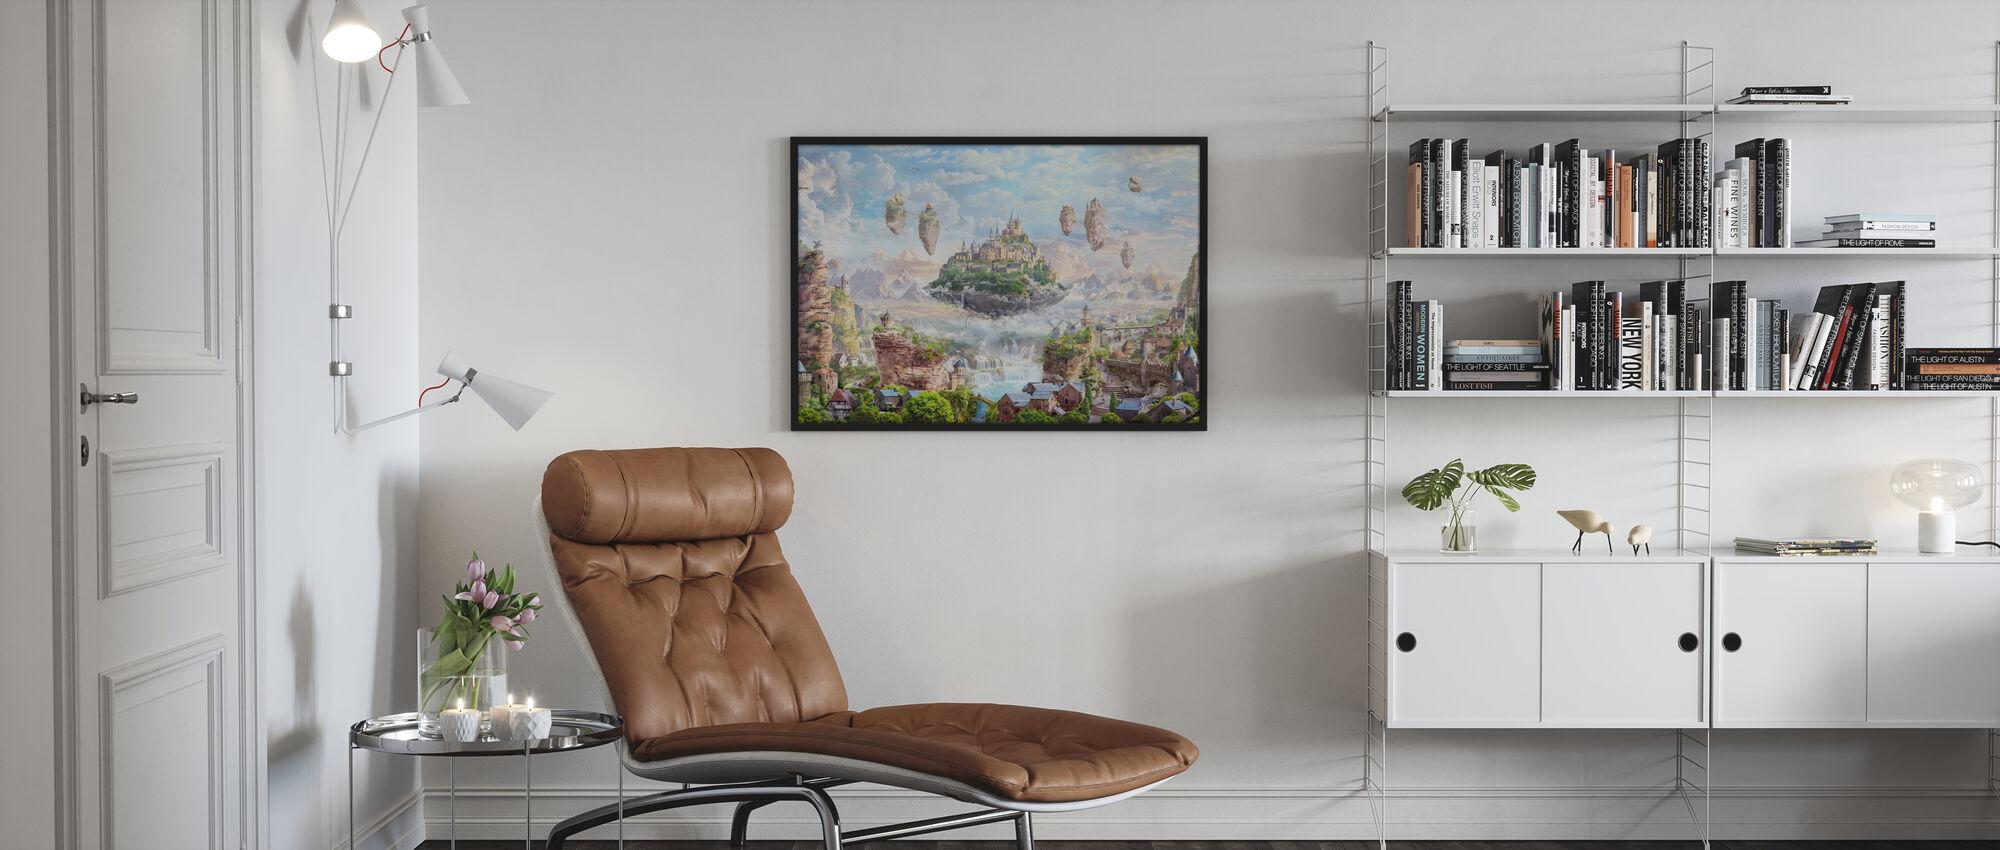 Himmelsschloss - Gerahmtes bild - Wohnzimmer